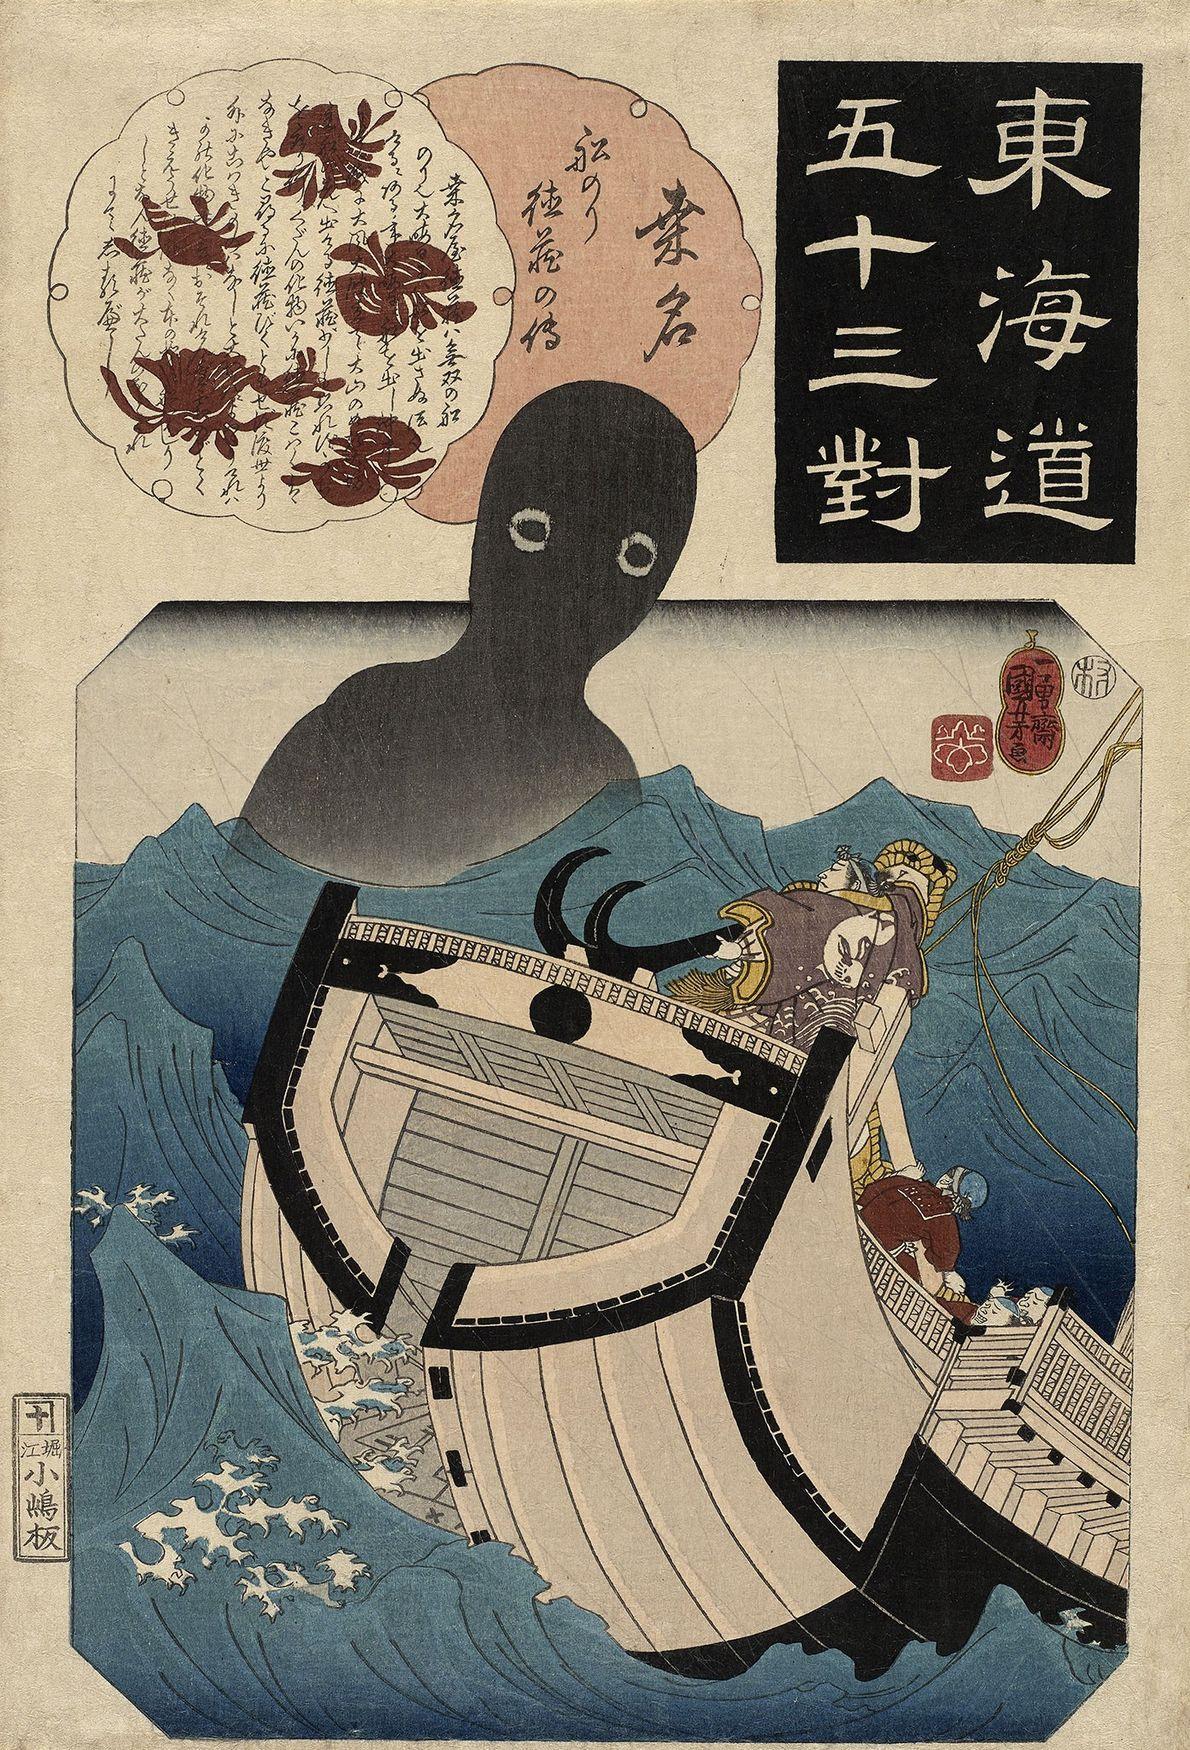 Dans le folklore japonais, lors des nuits calmes un sombre géant appelé Umi Bozu, ou « ...